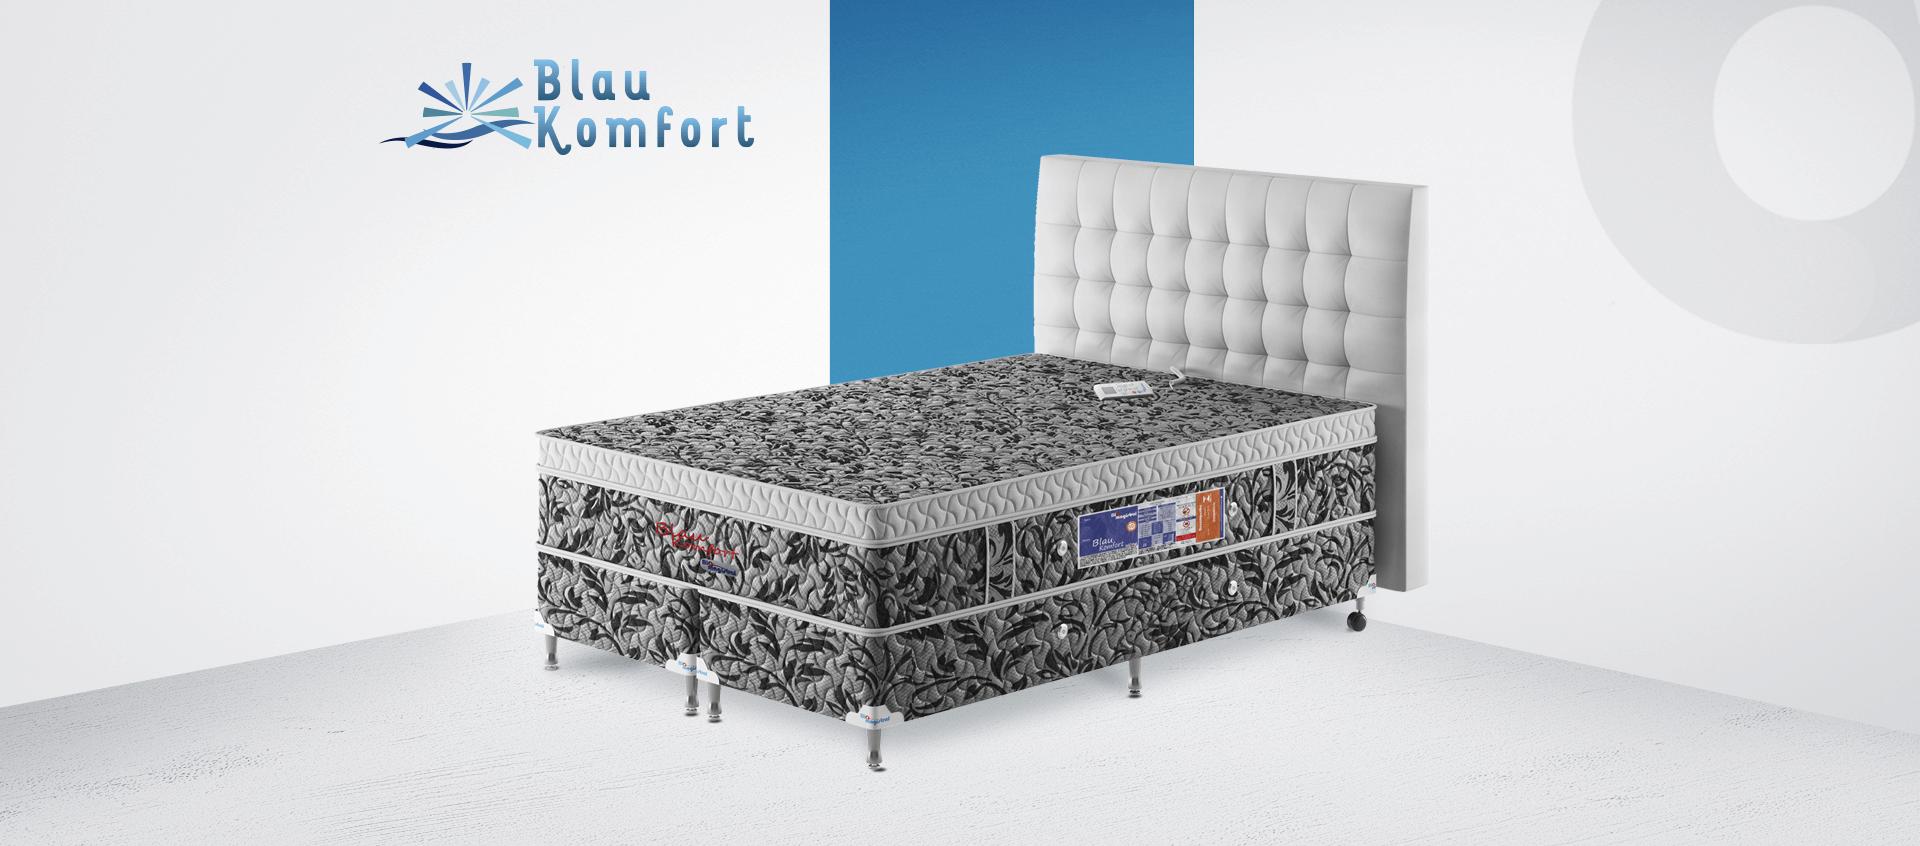 Blau Komfort